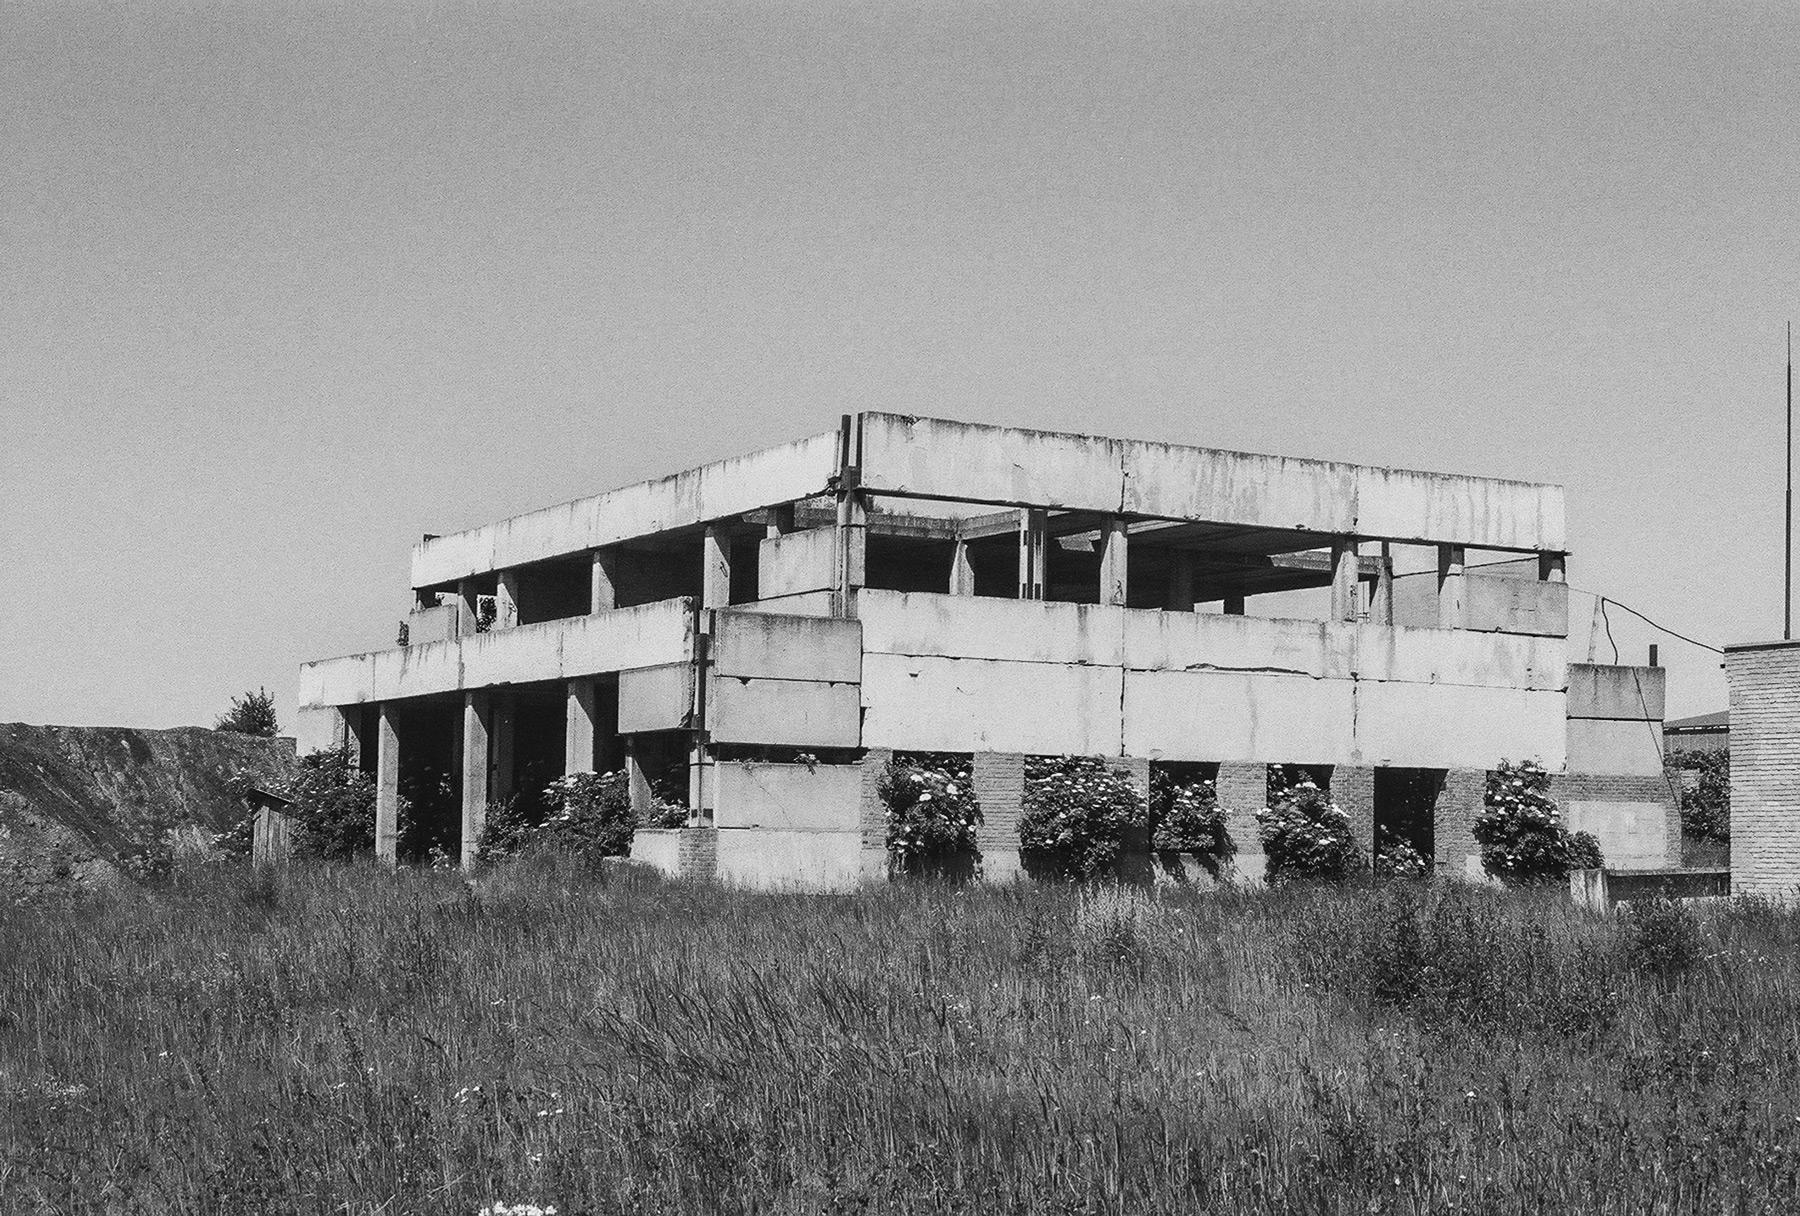 Novovolynsk 17